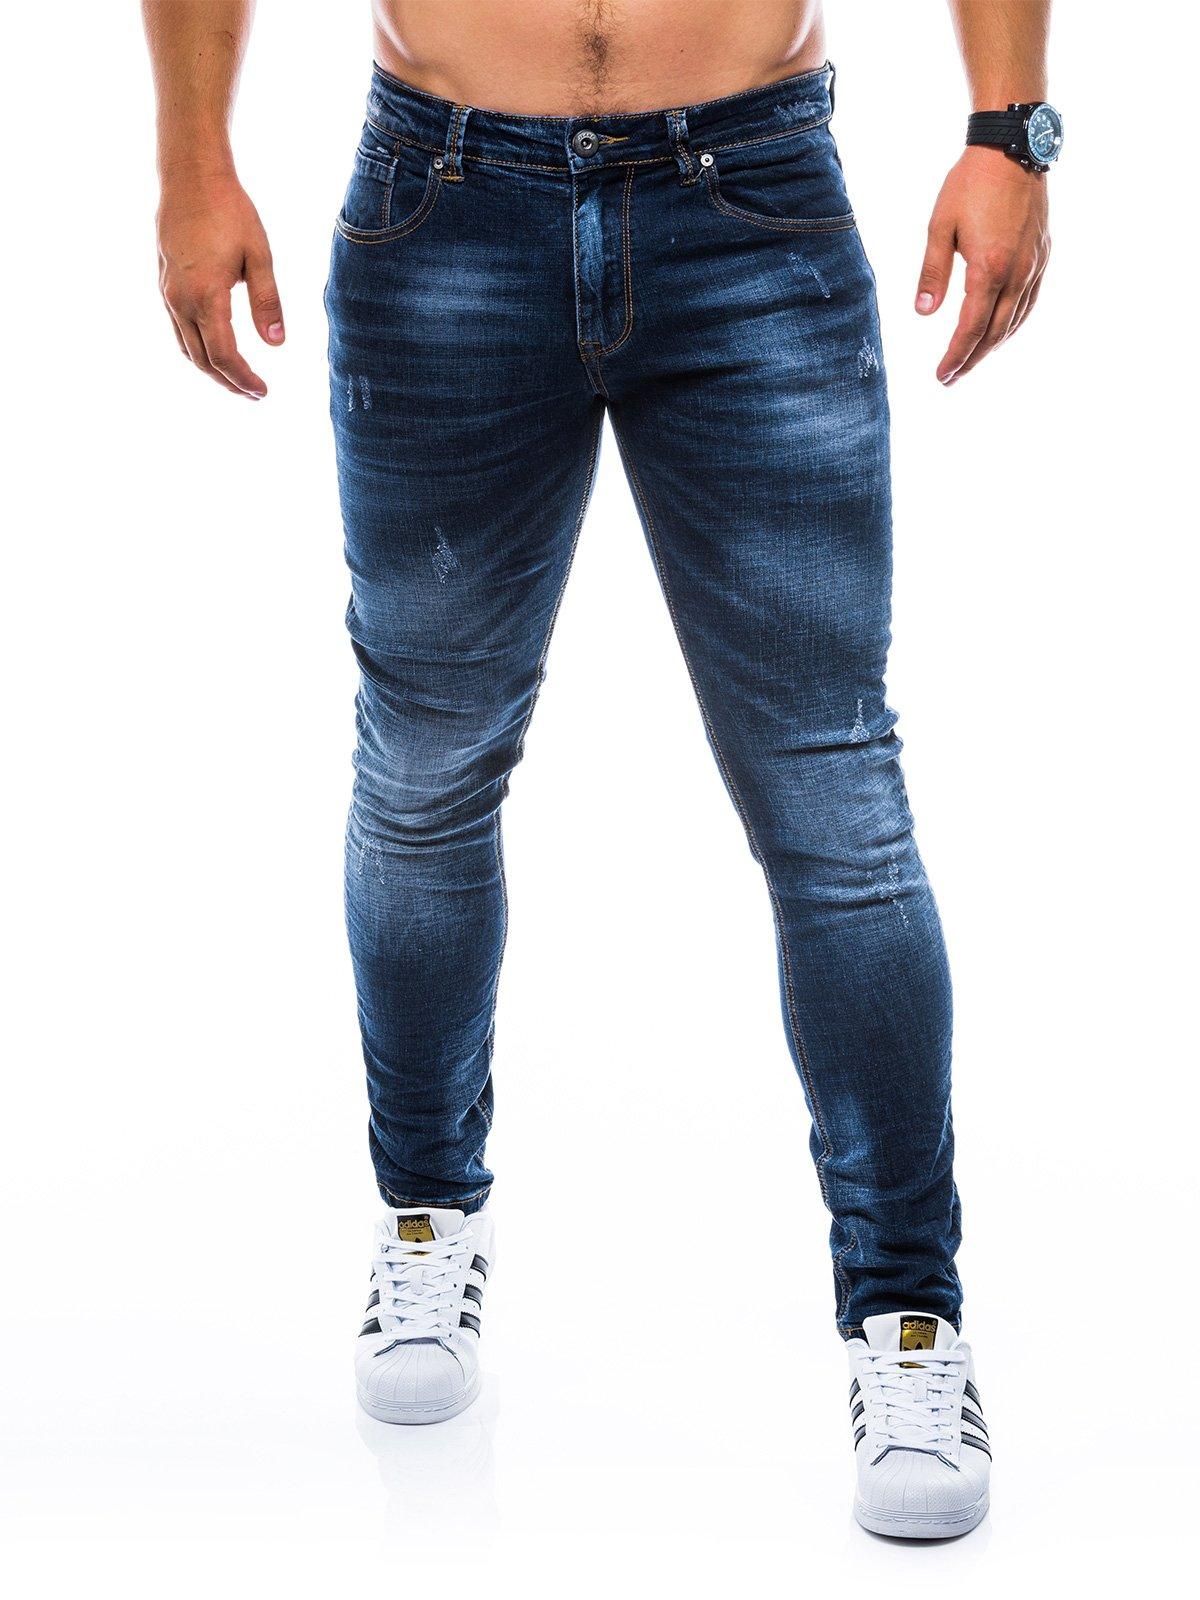 Spodnie męskie jeansowe P750 - granatowe